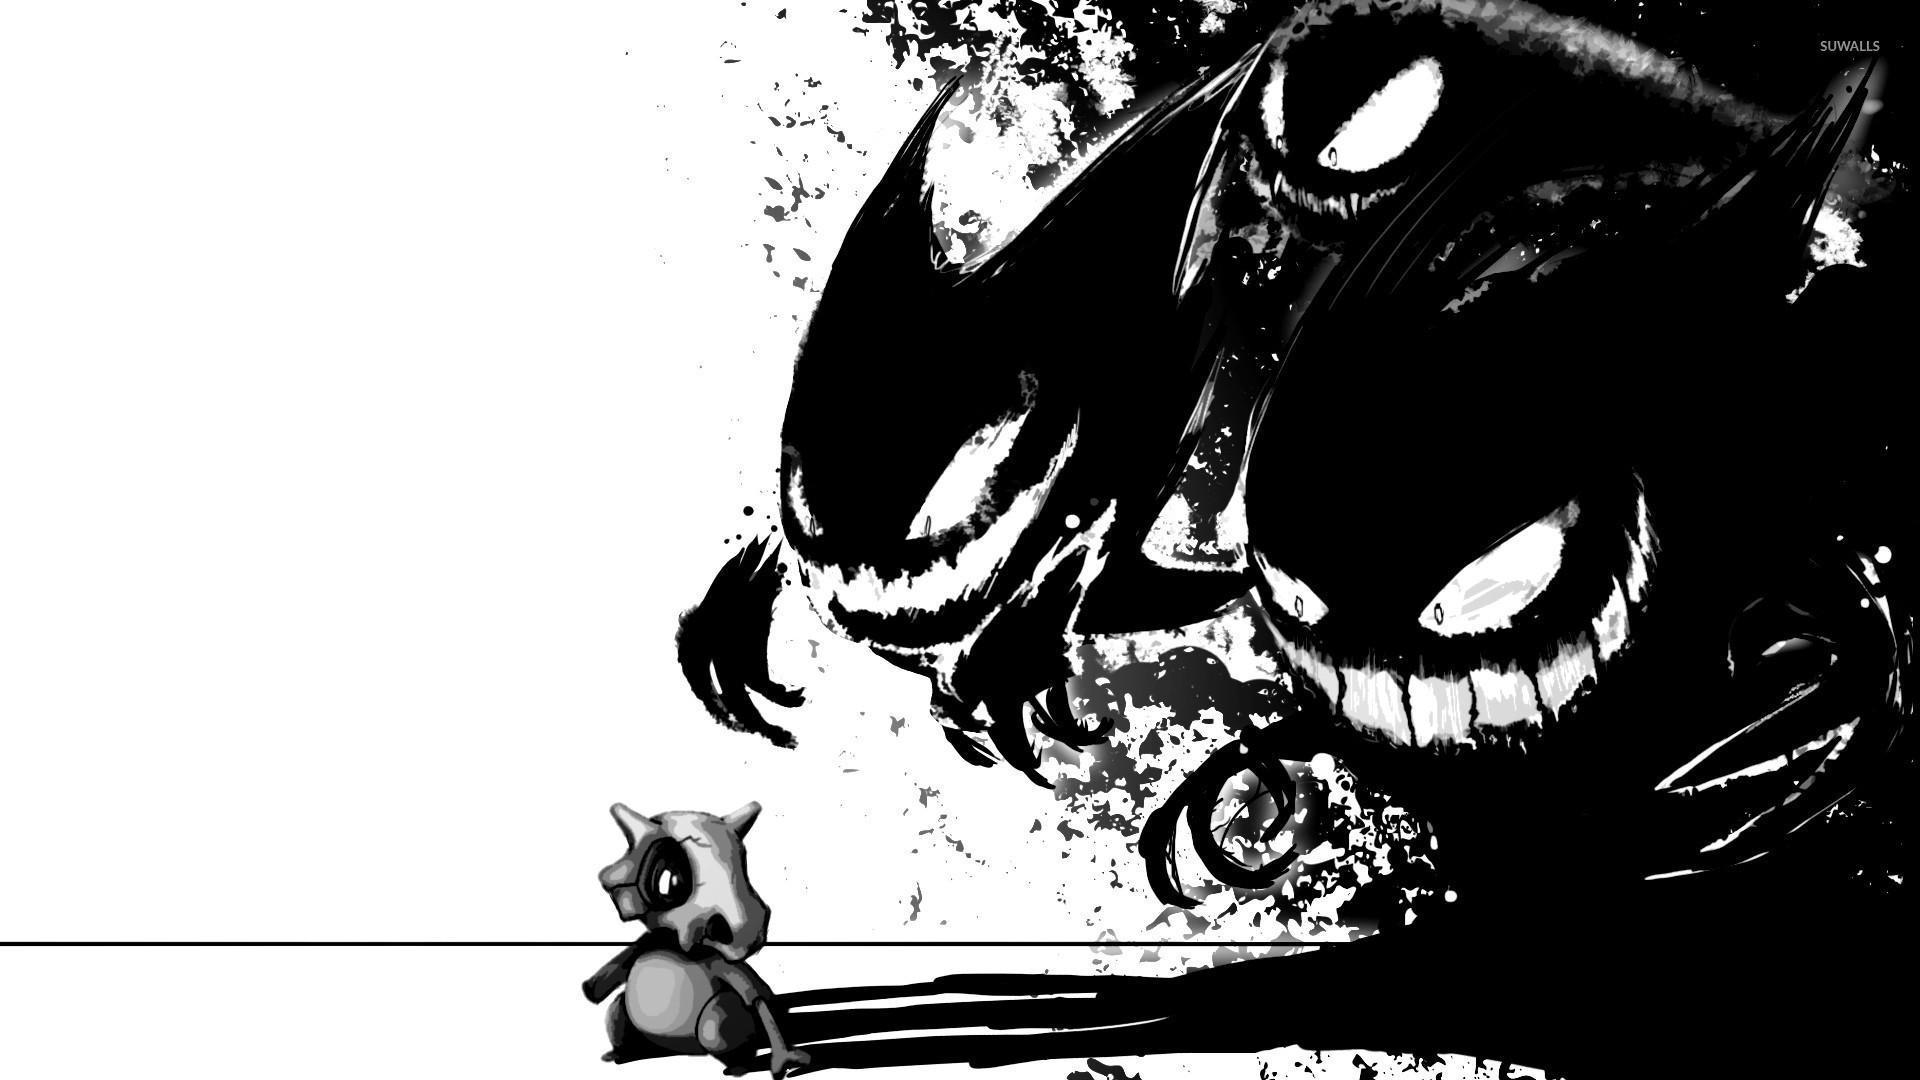 Chandelure – Pokemon wallpaper – Anime wallpapers – #16082